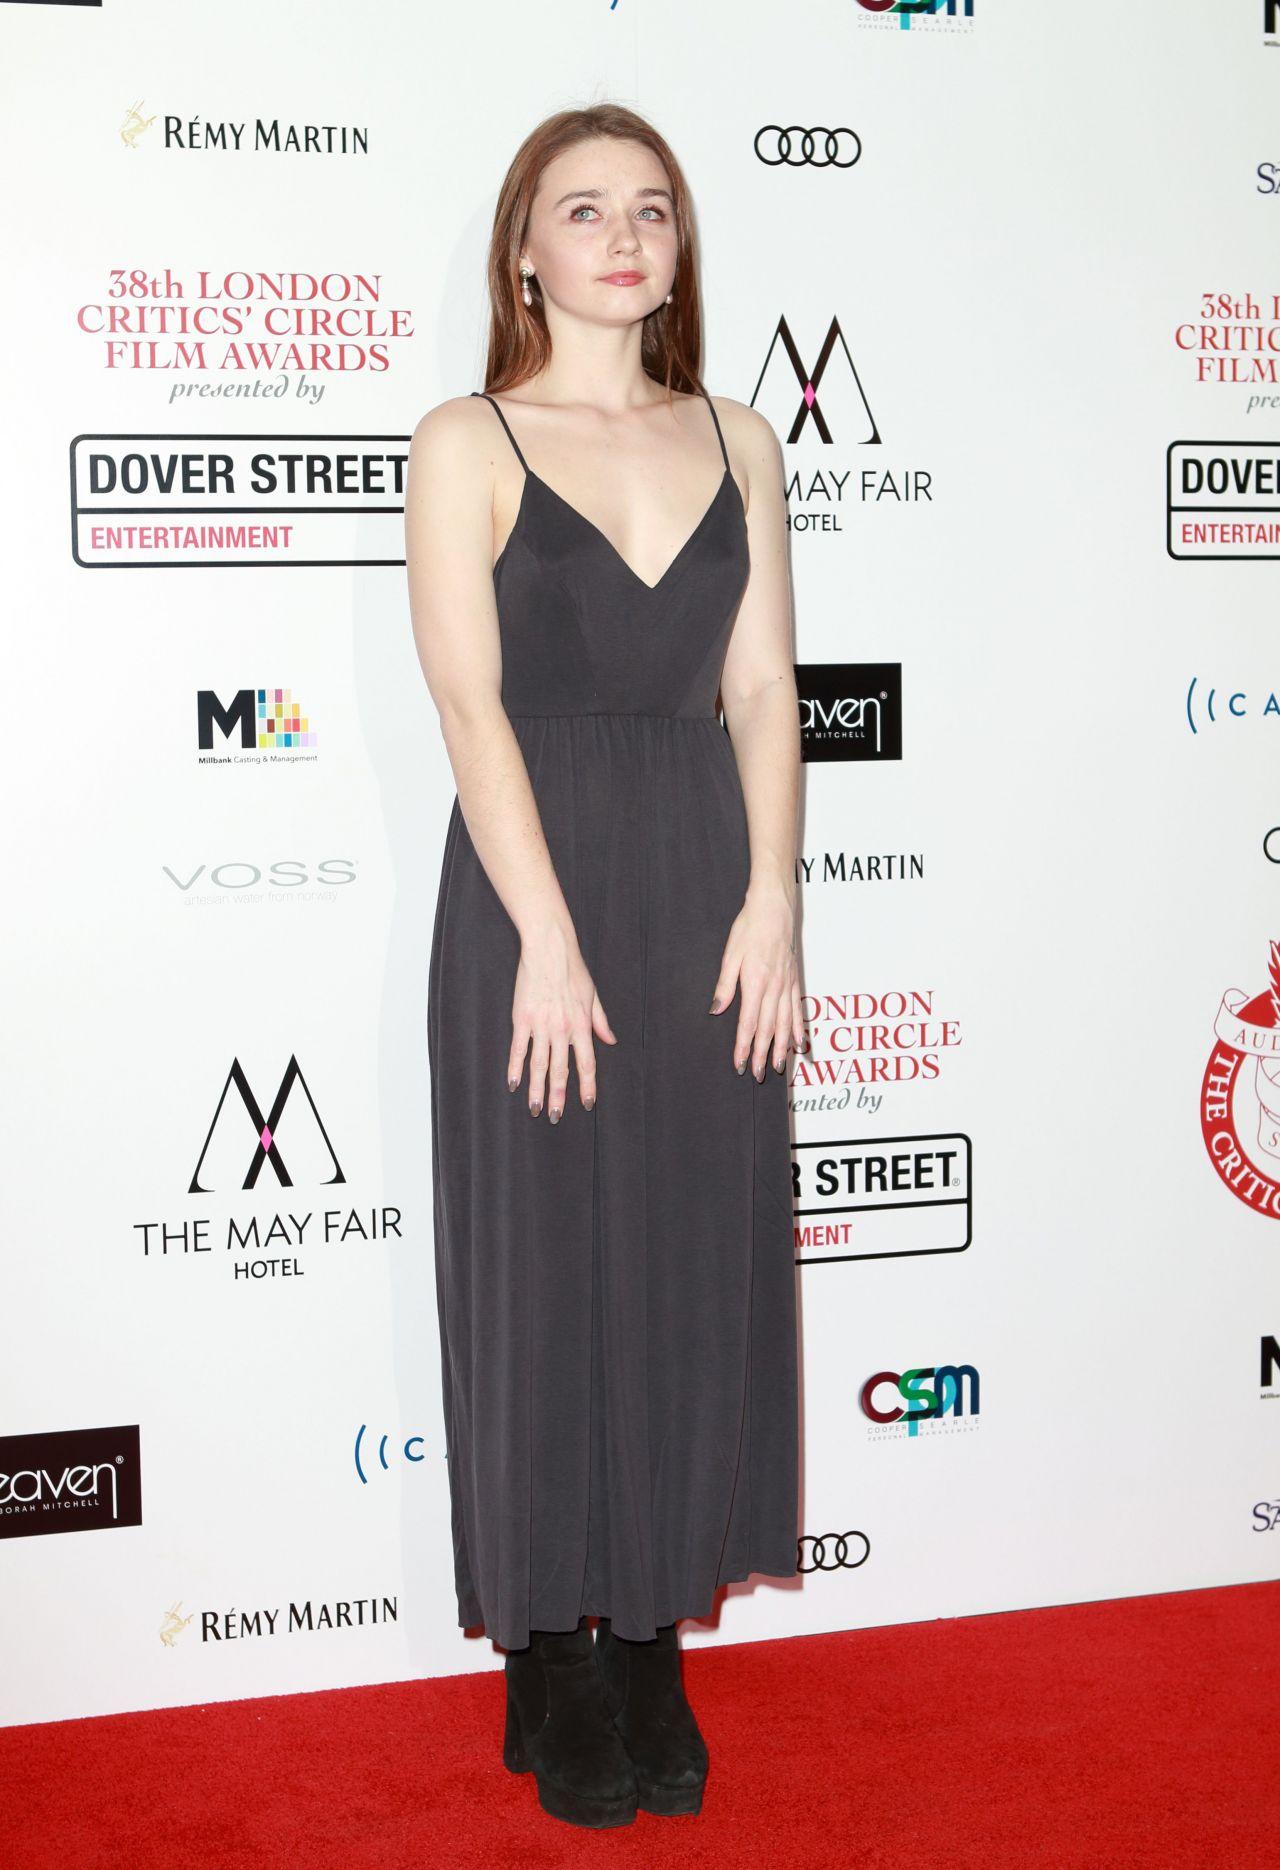 Ass Celebrity Jessica Barden naked photo 2017